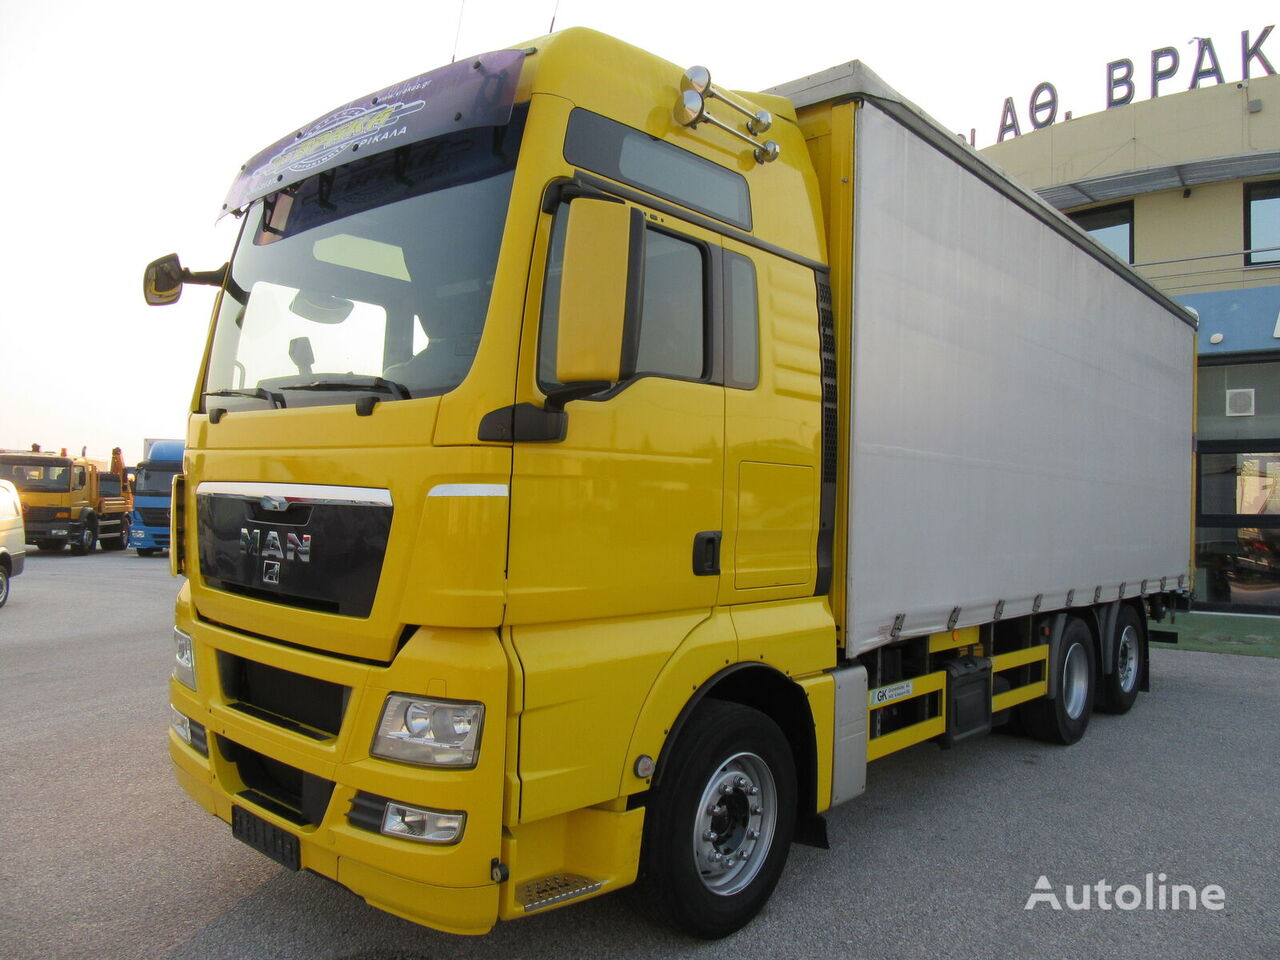 MAN 26440 TGX 6X2 /EURO 5 +RHYMOYLKO forteltet lastebil + gardintrailer